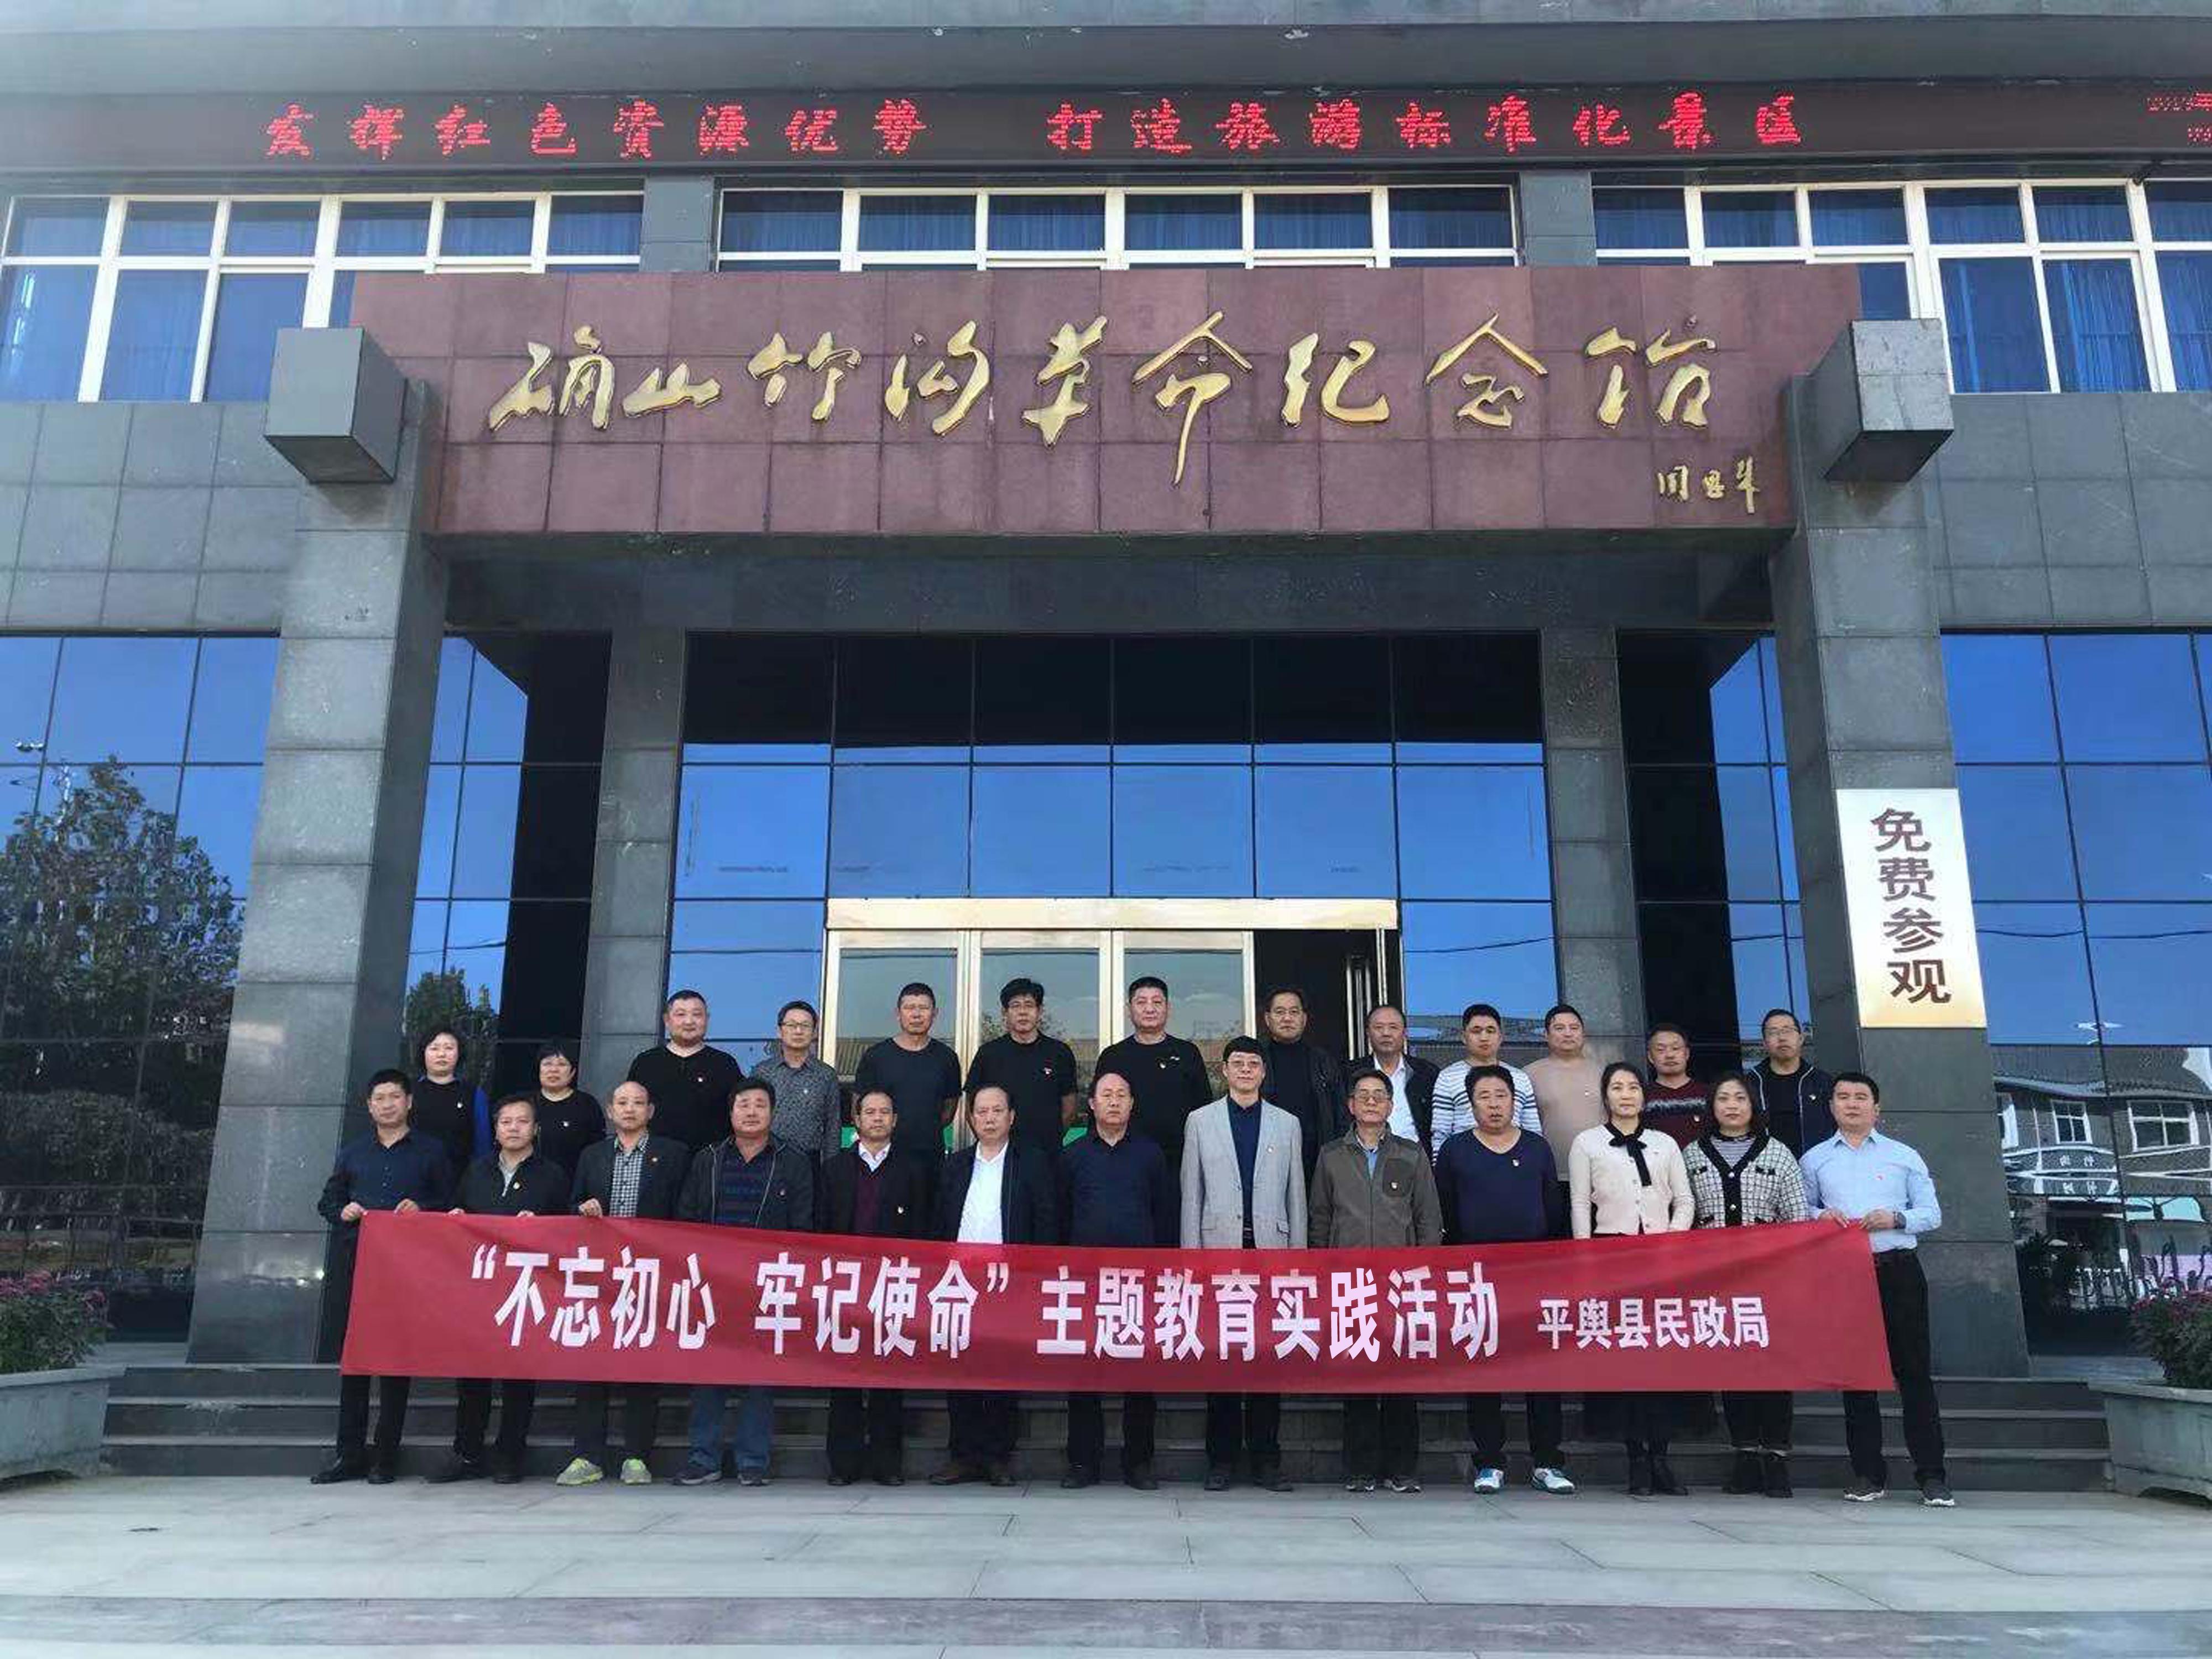 平舆县民政局组织党员赴红色革命基地开展主题教育